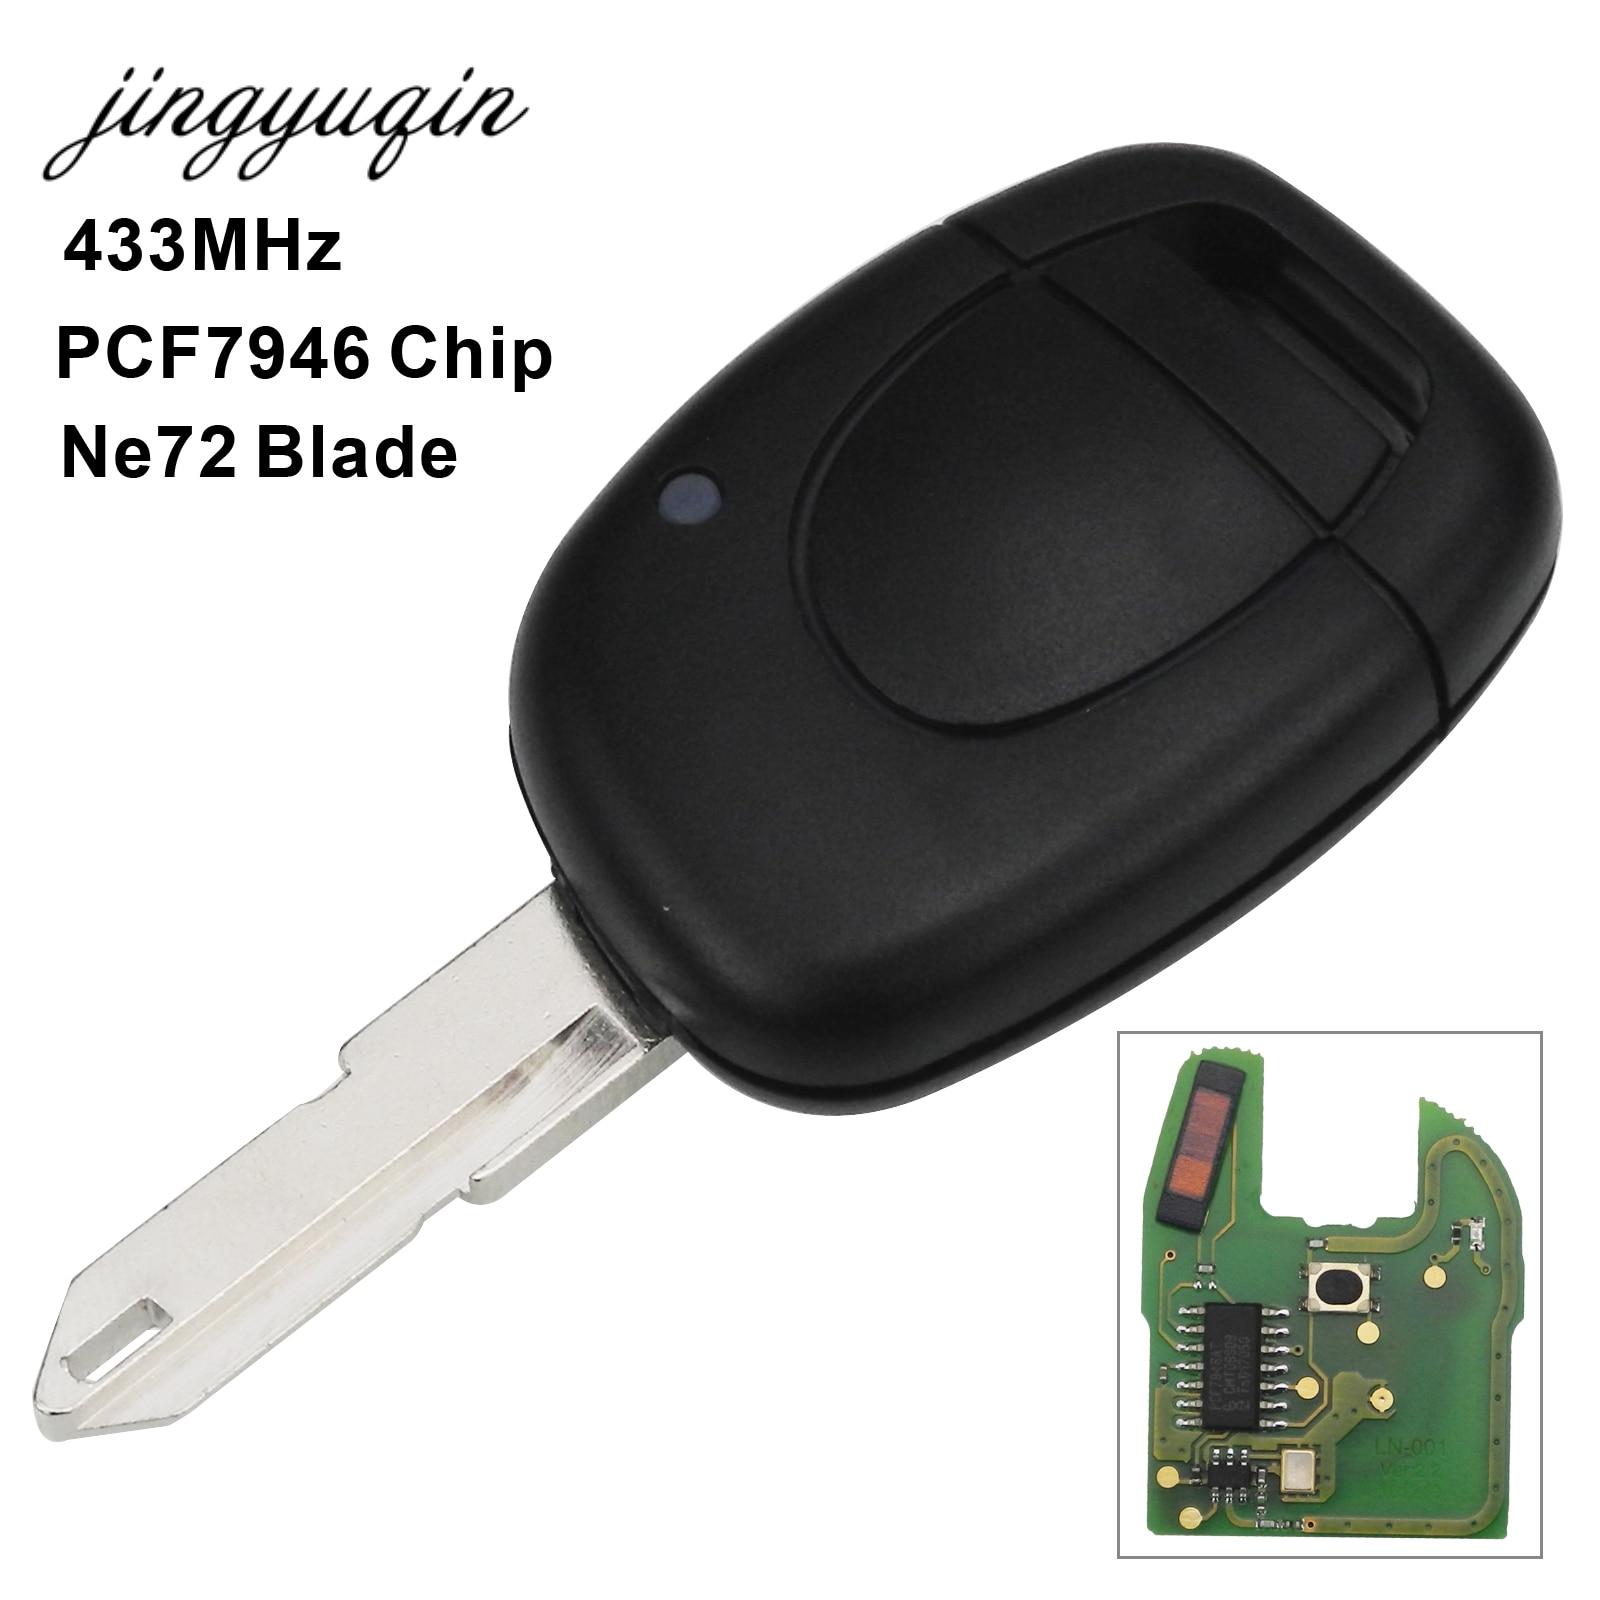 Jingyuqin Voiture À Distance Key Fit pour Renault Master Kangoo Clio Twingo NE72 Lame PCF7946 Puce 433 mhz